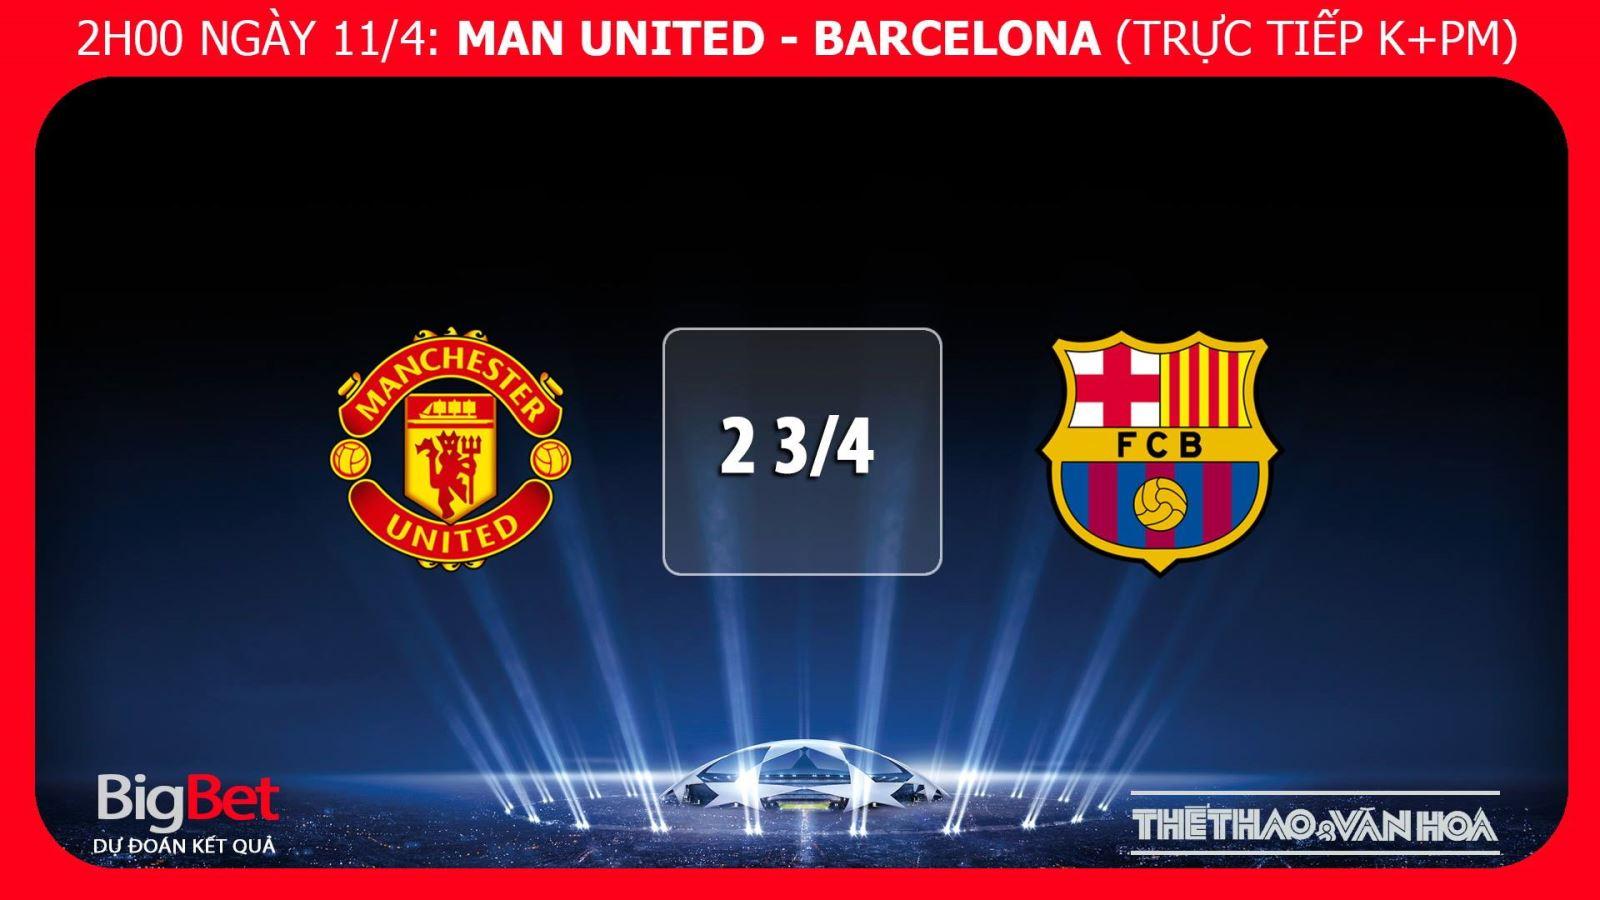 MU. Soi kèo MU vs Barca. Trực tiếp bóng đá. Lịch thi đấu C1. Barcelona